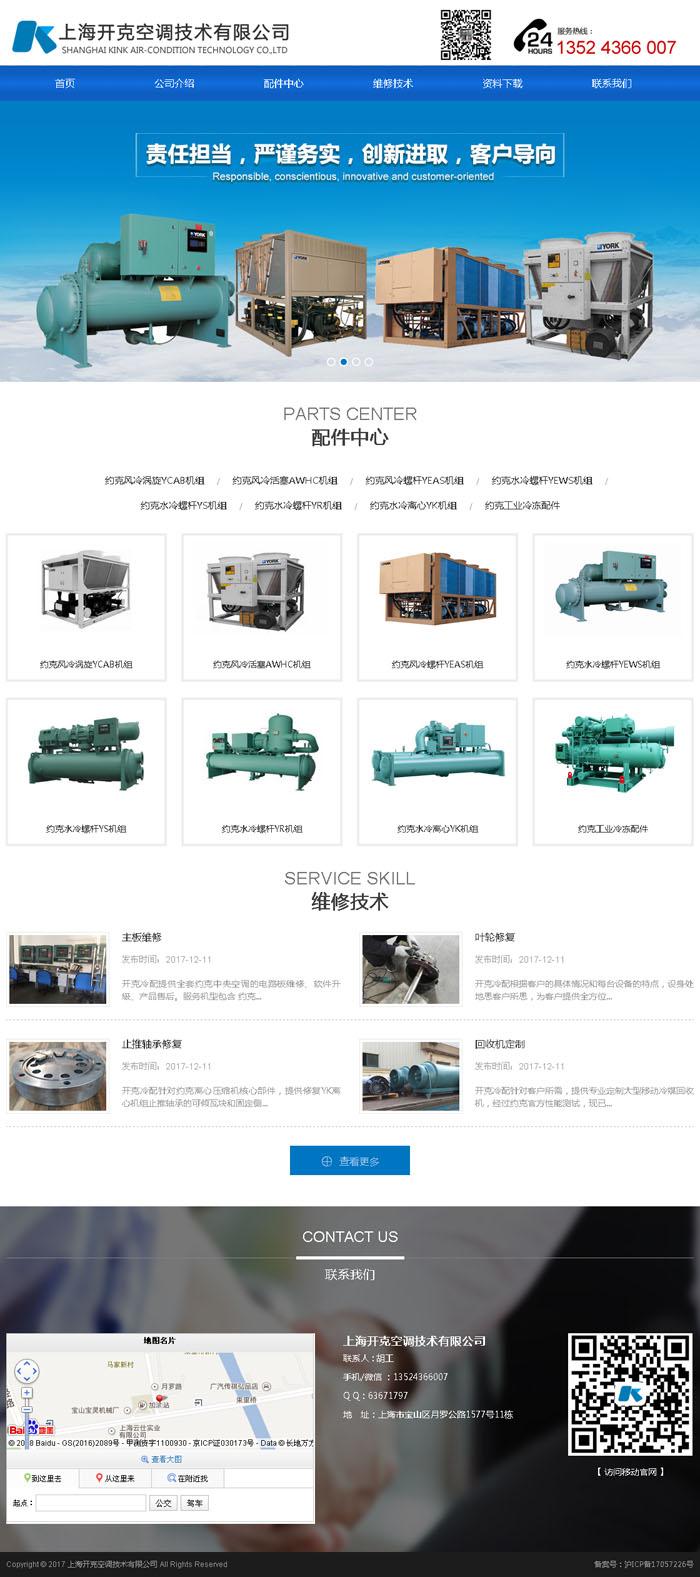 上海开克空调技术有限公司网站设计效果图